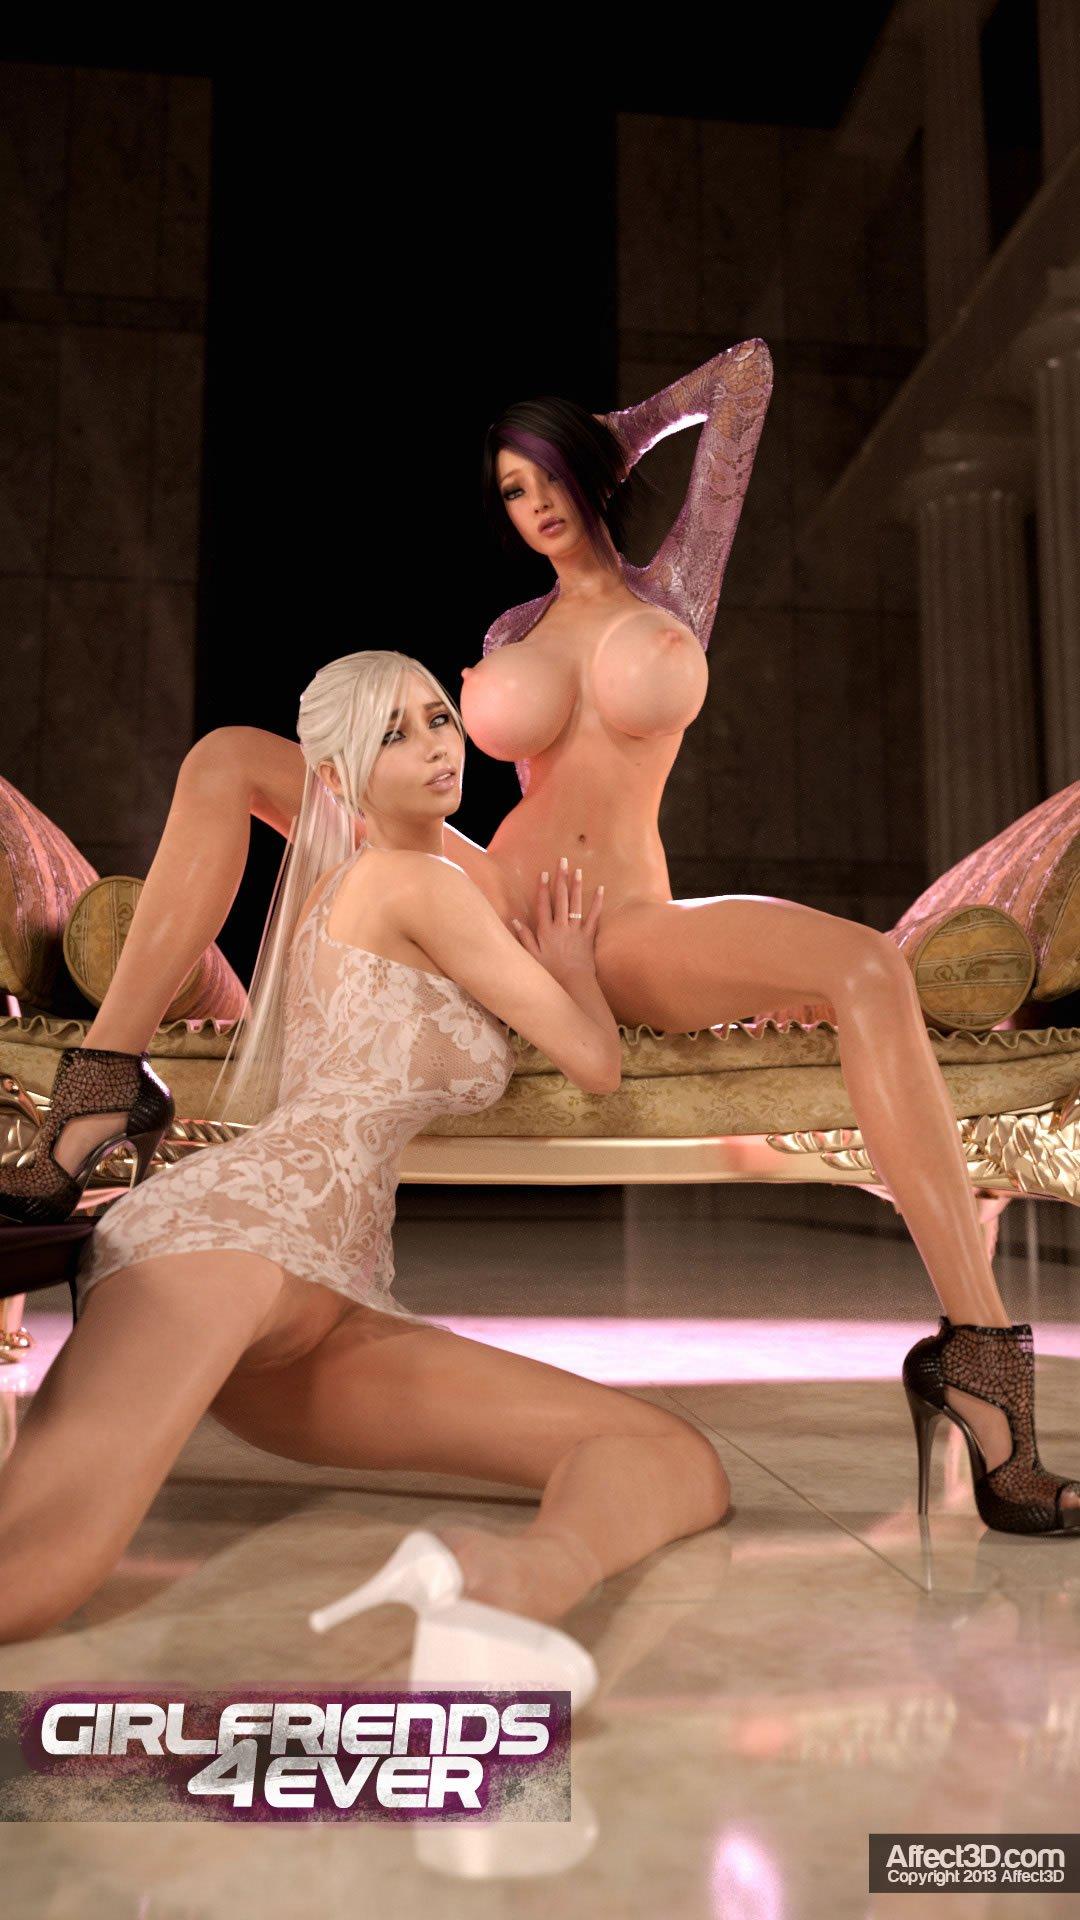 3d sex best girlfriend porn images